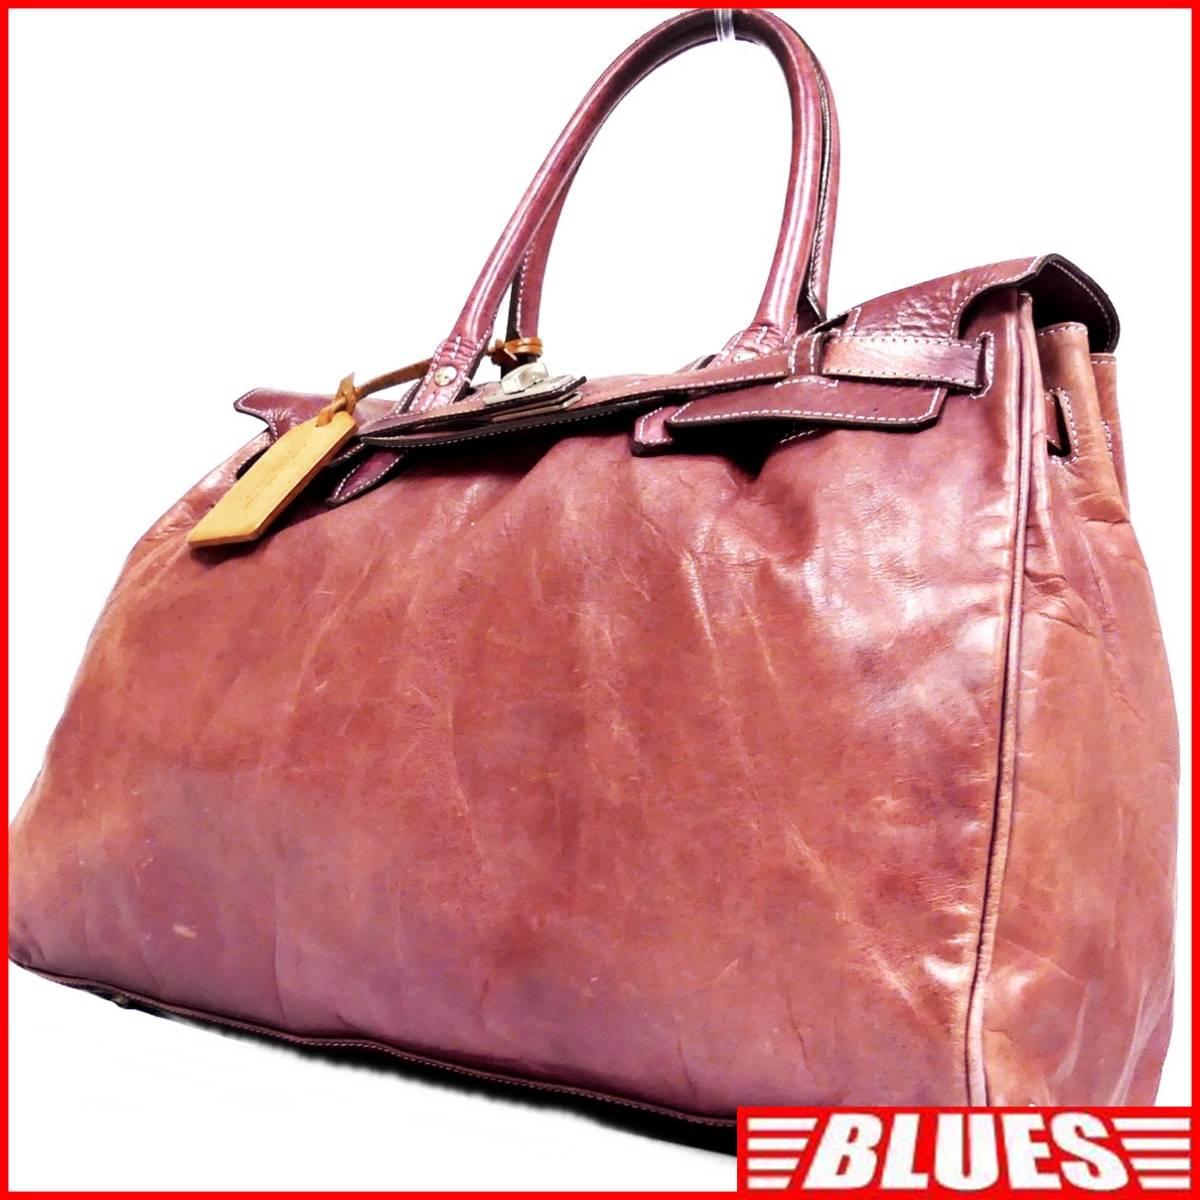 即決★aniary★レザーハンドバッグ アニアリ メンズ 赤 紫 本革 トートバッグ 本皮 かばん 鞄 レディース 手提げバッグ_画像1